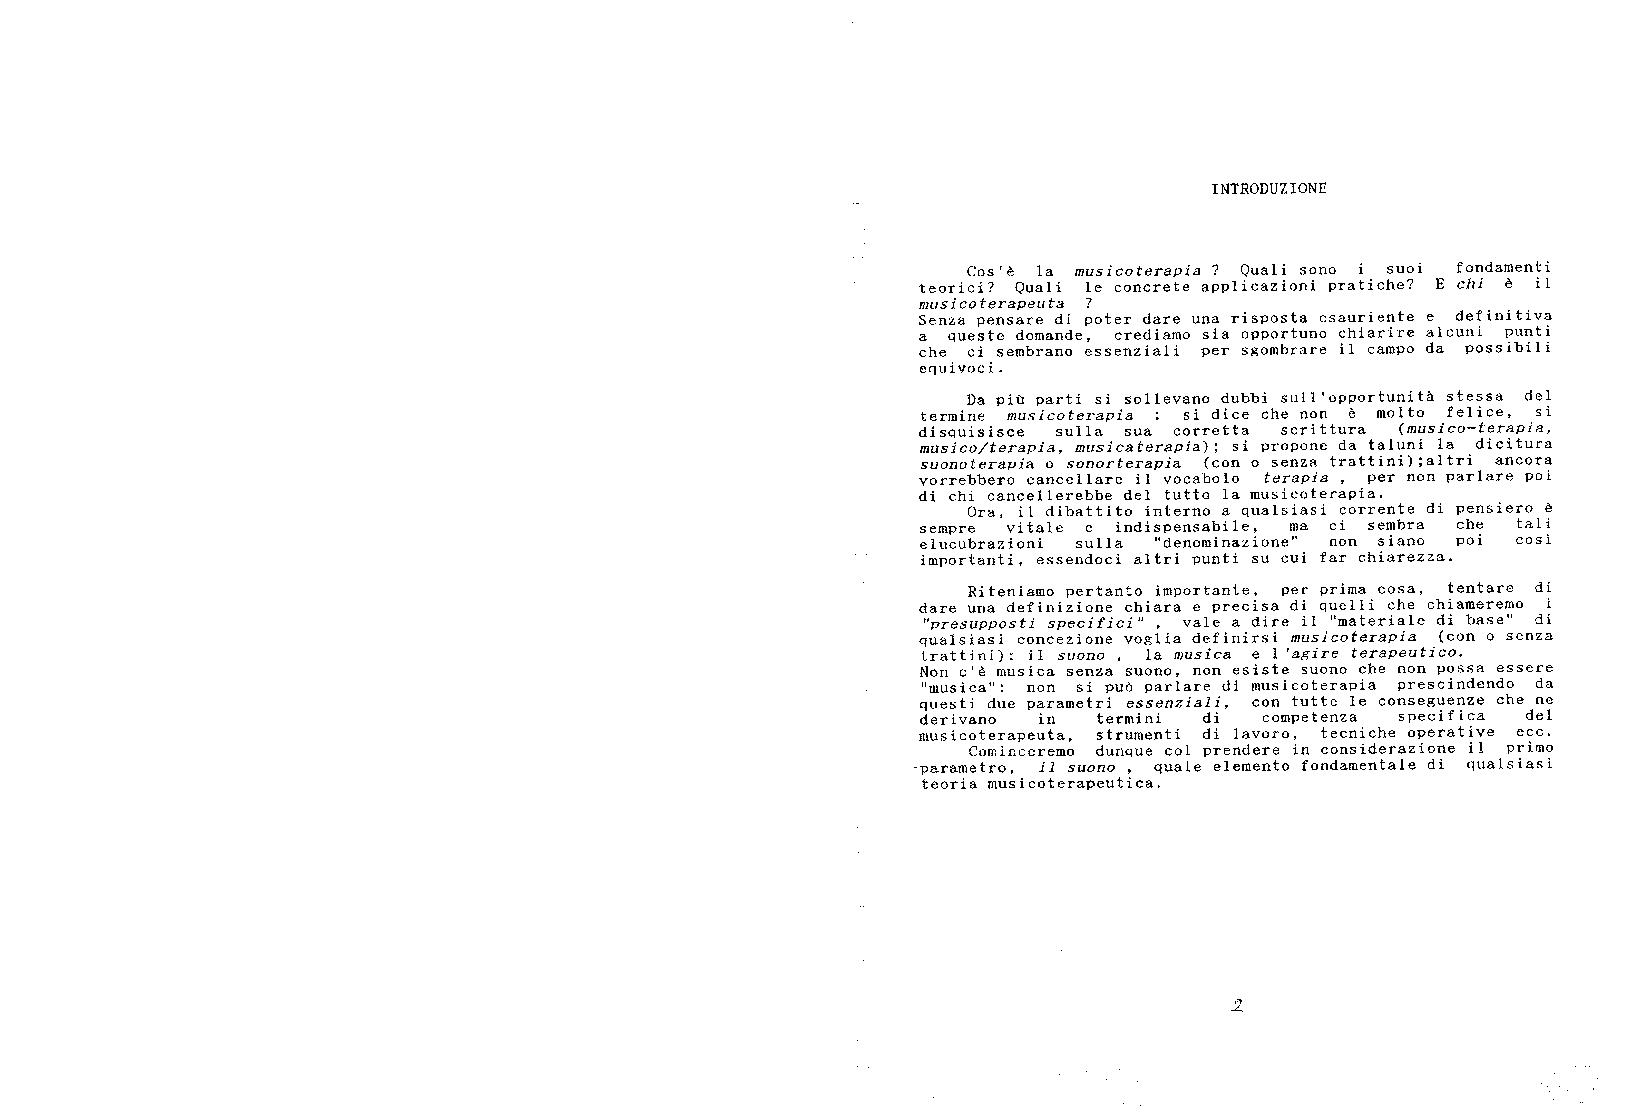 Anteprima della tesi: Le tecniche del nada-yoga nella pratica musicoterapeutica, Pagina 2